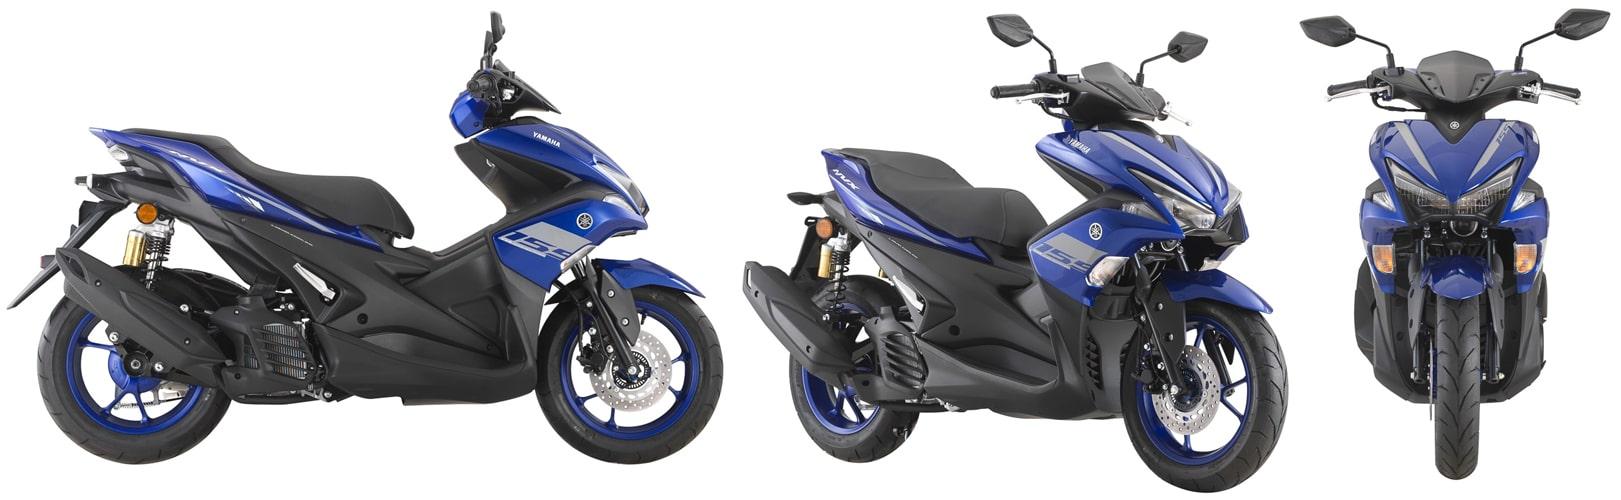 ยามาฮ่า Aerox 2020 สีน้ำเงิน